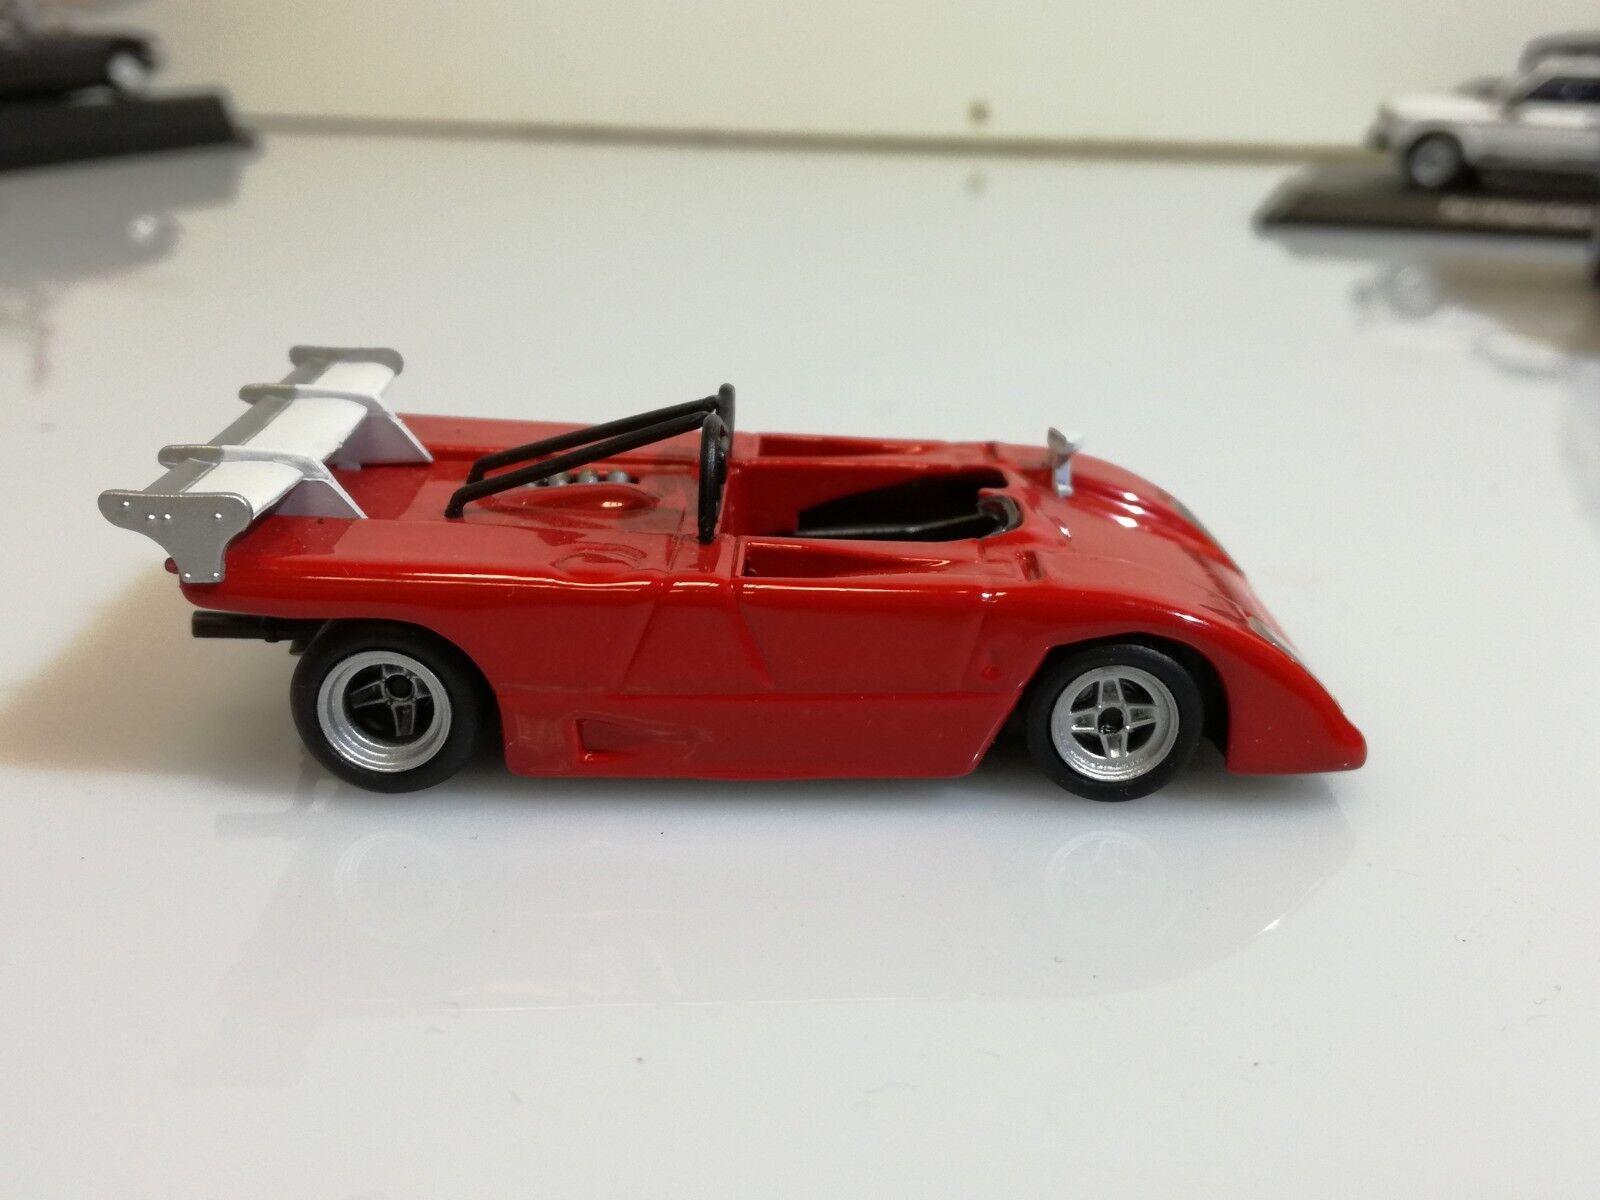 METRO  Fiat Fiat Fiat  Abarth  Osella  2000  Sport  Spider 1972  1 43 2fa63e